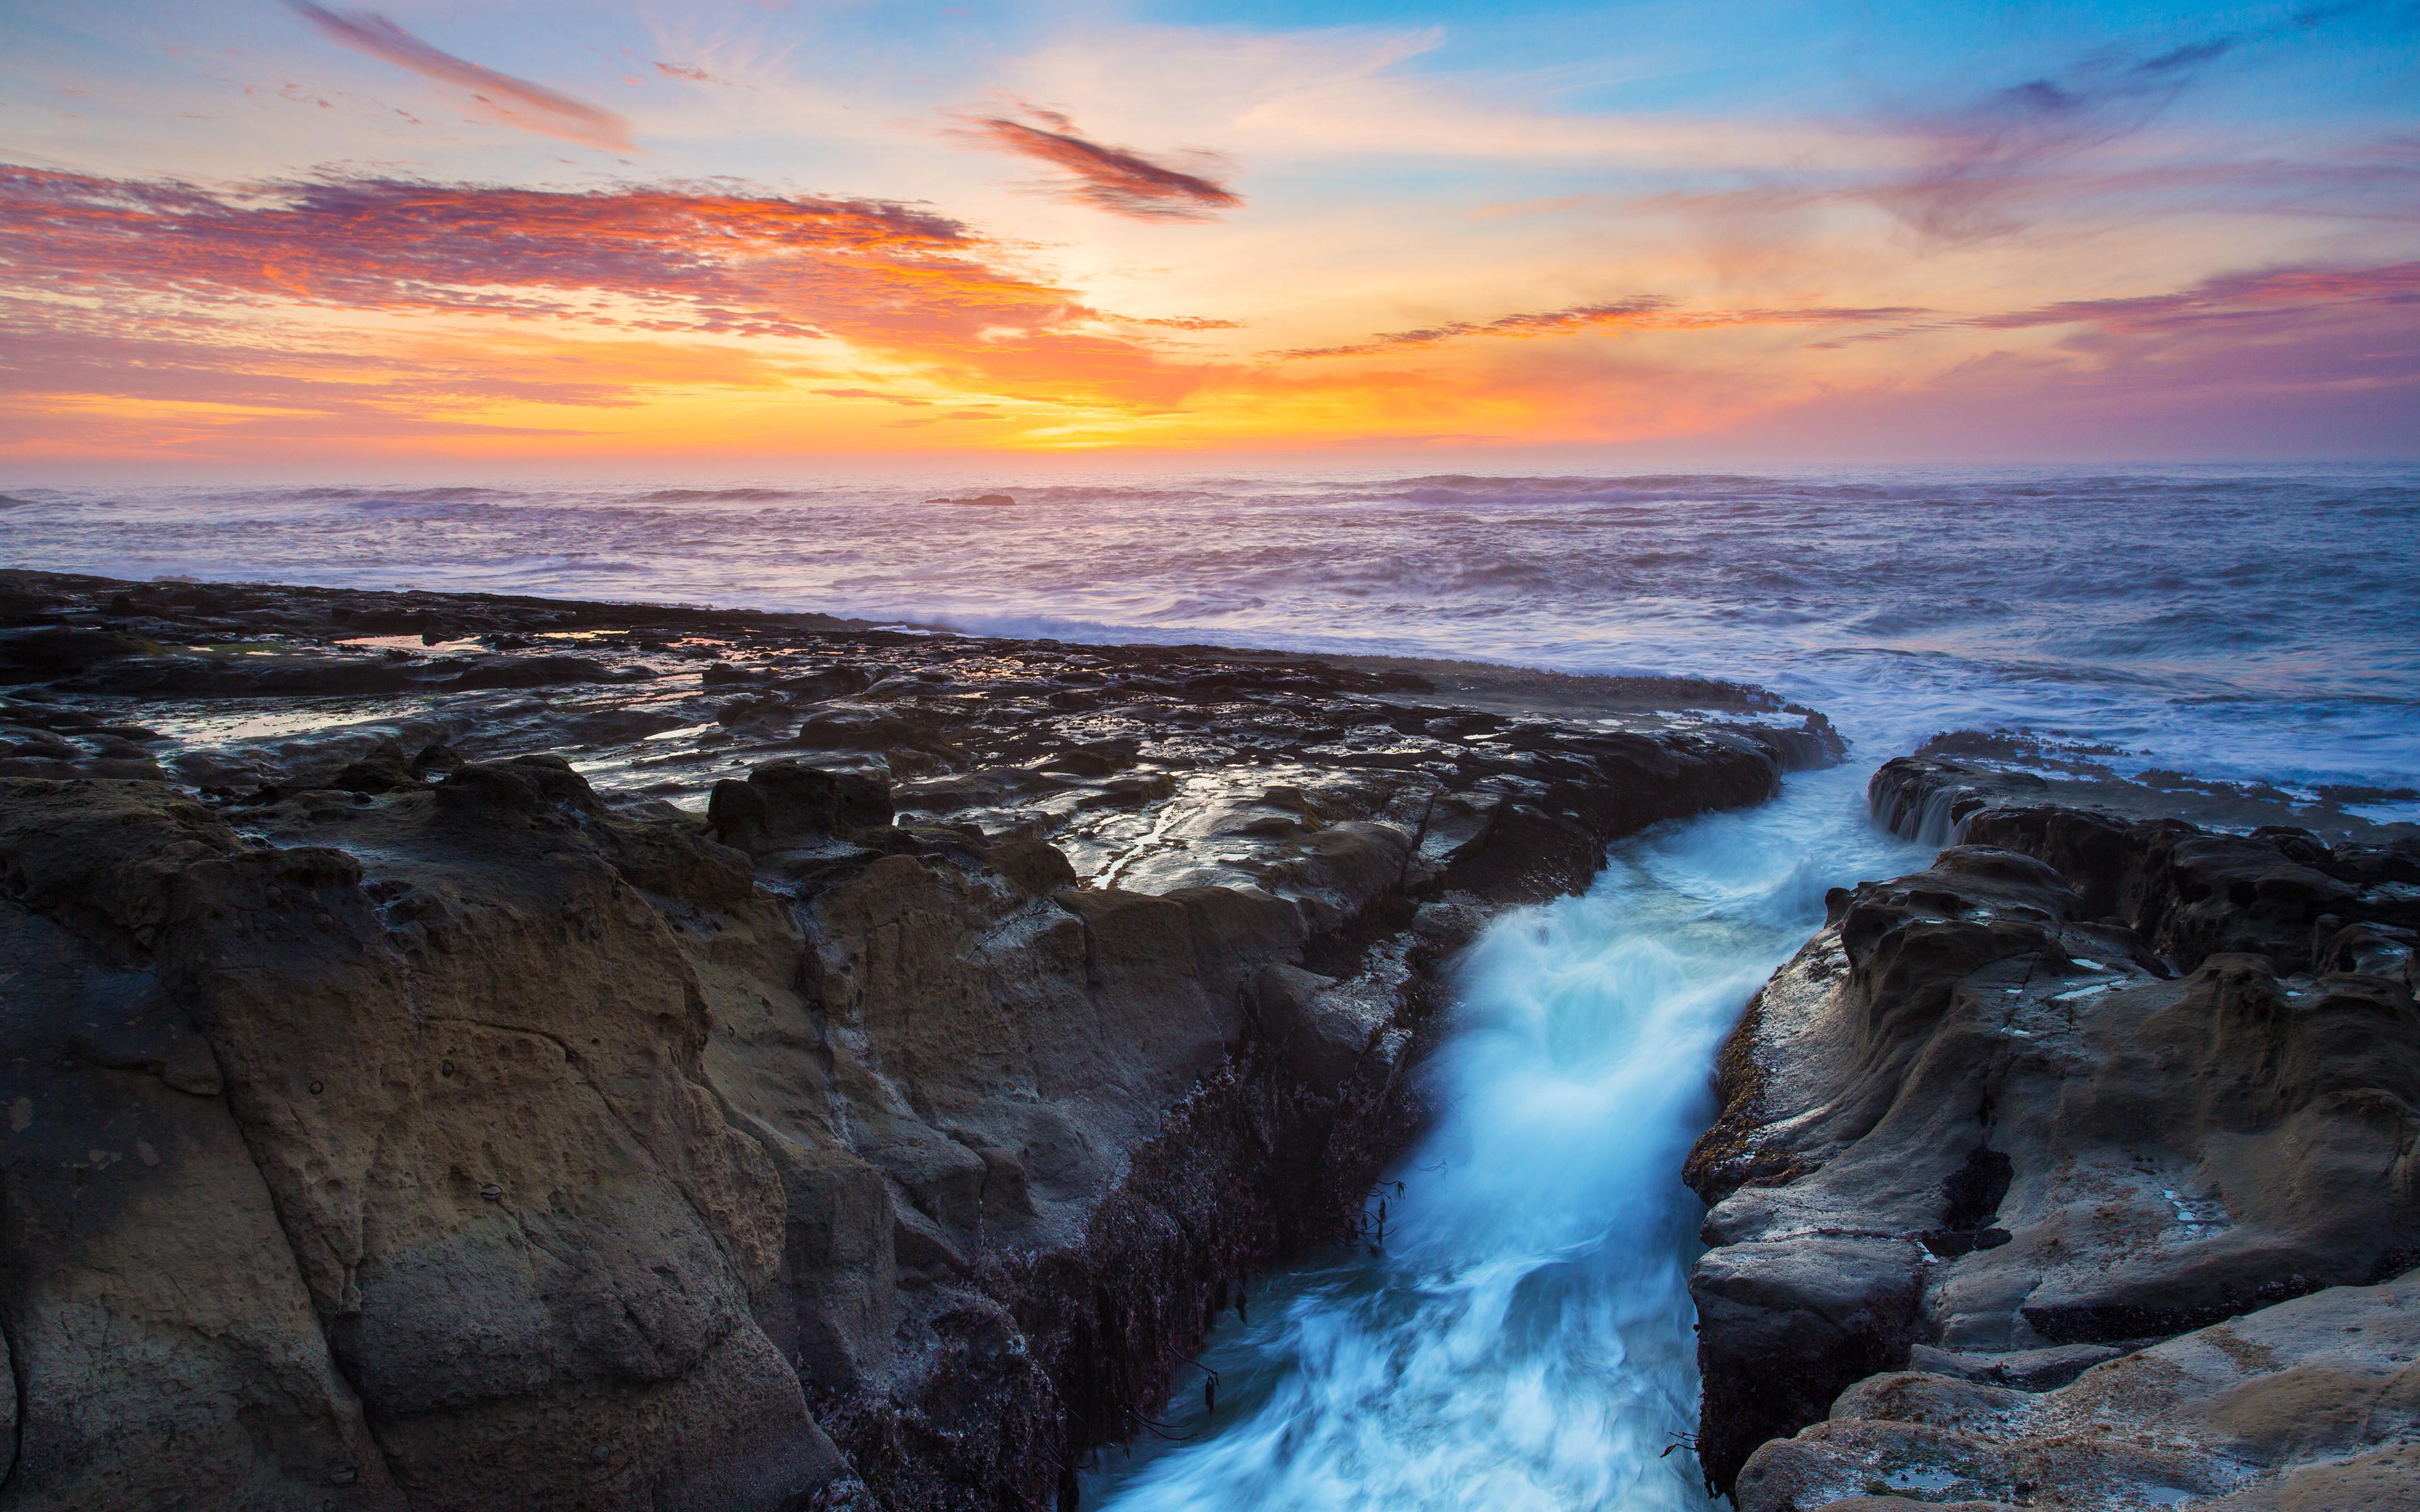 best nature1920x1080 iimgurcom - photo #1